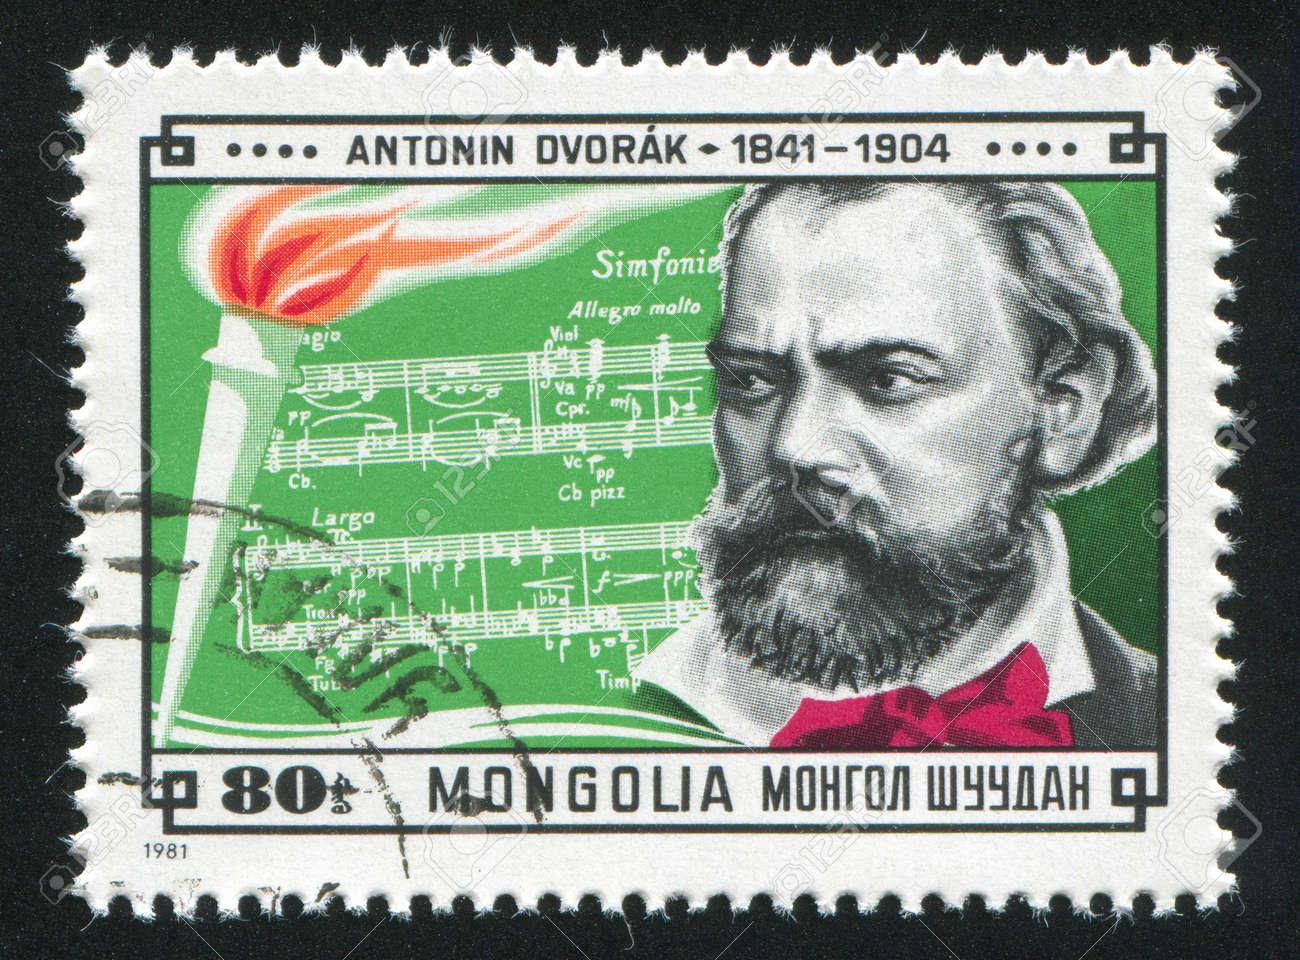 Резултат с изображение за antonín leopold dvořák